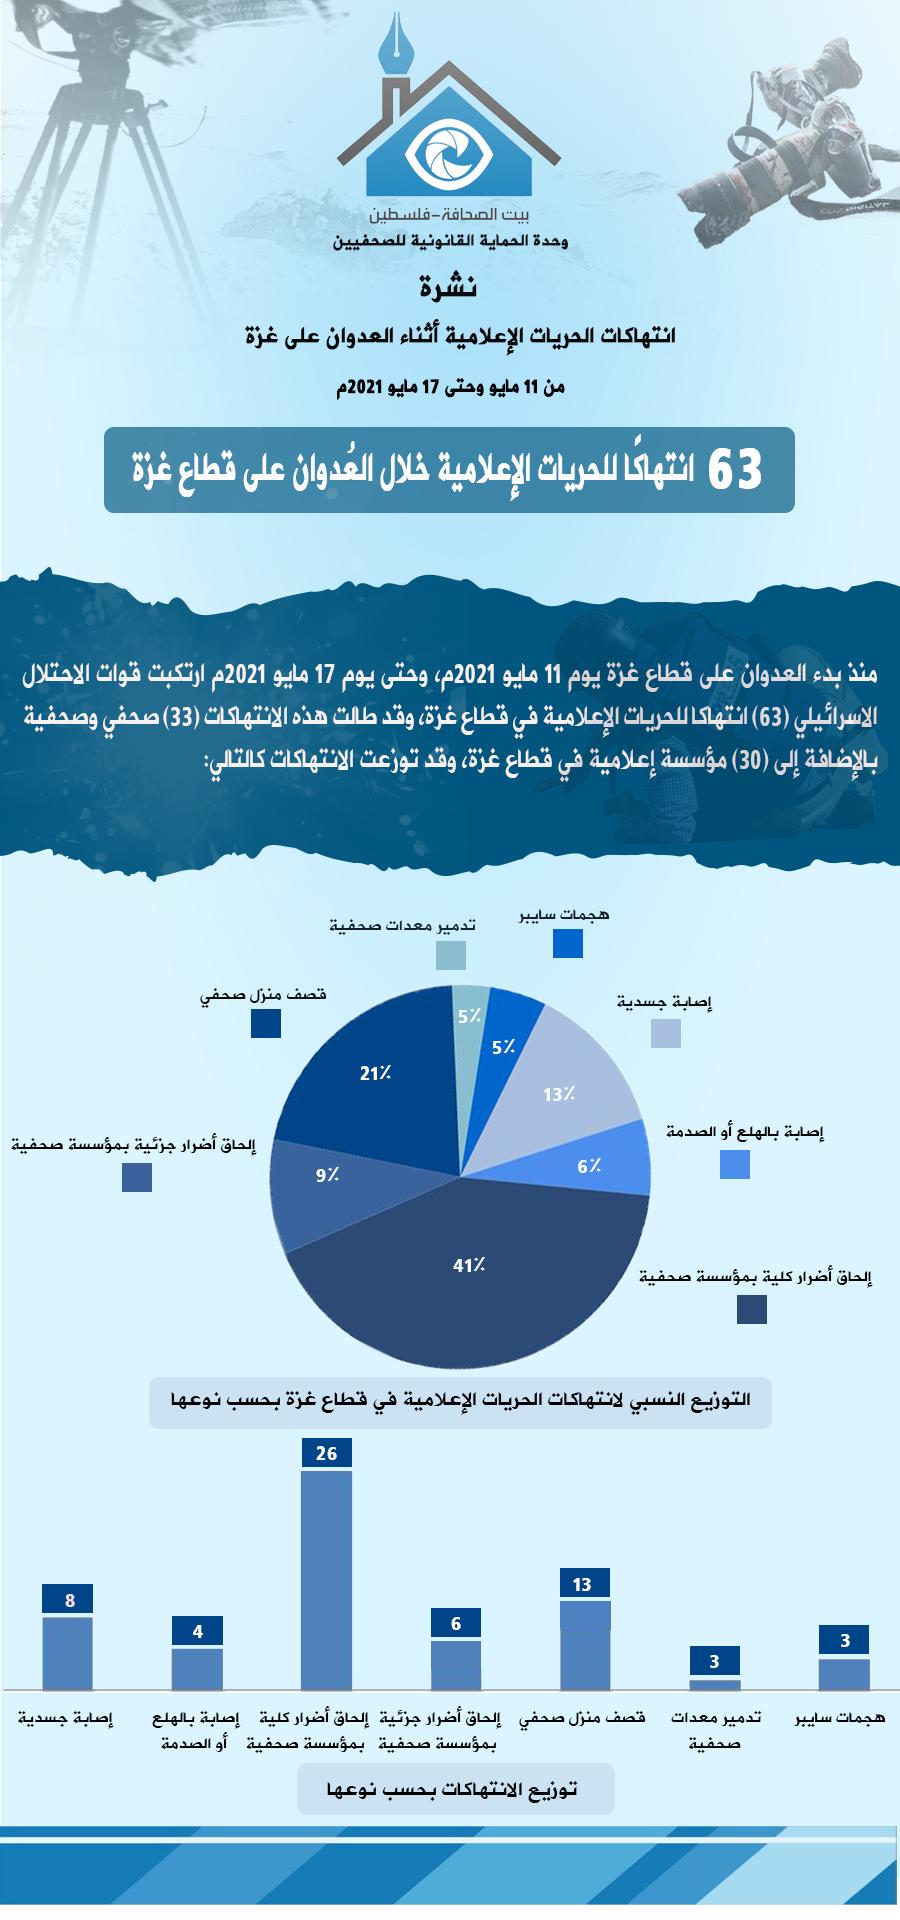 11-17 انتهاكات الحريات الإعلامية أثناء العدوان على غزة - عربي - عربي.png